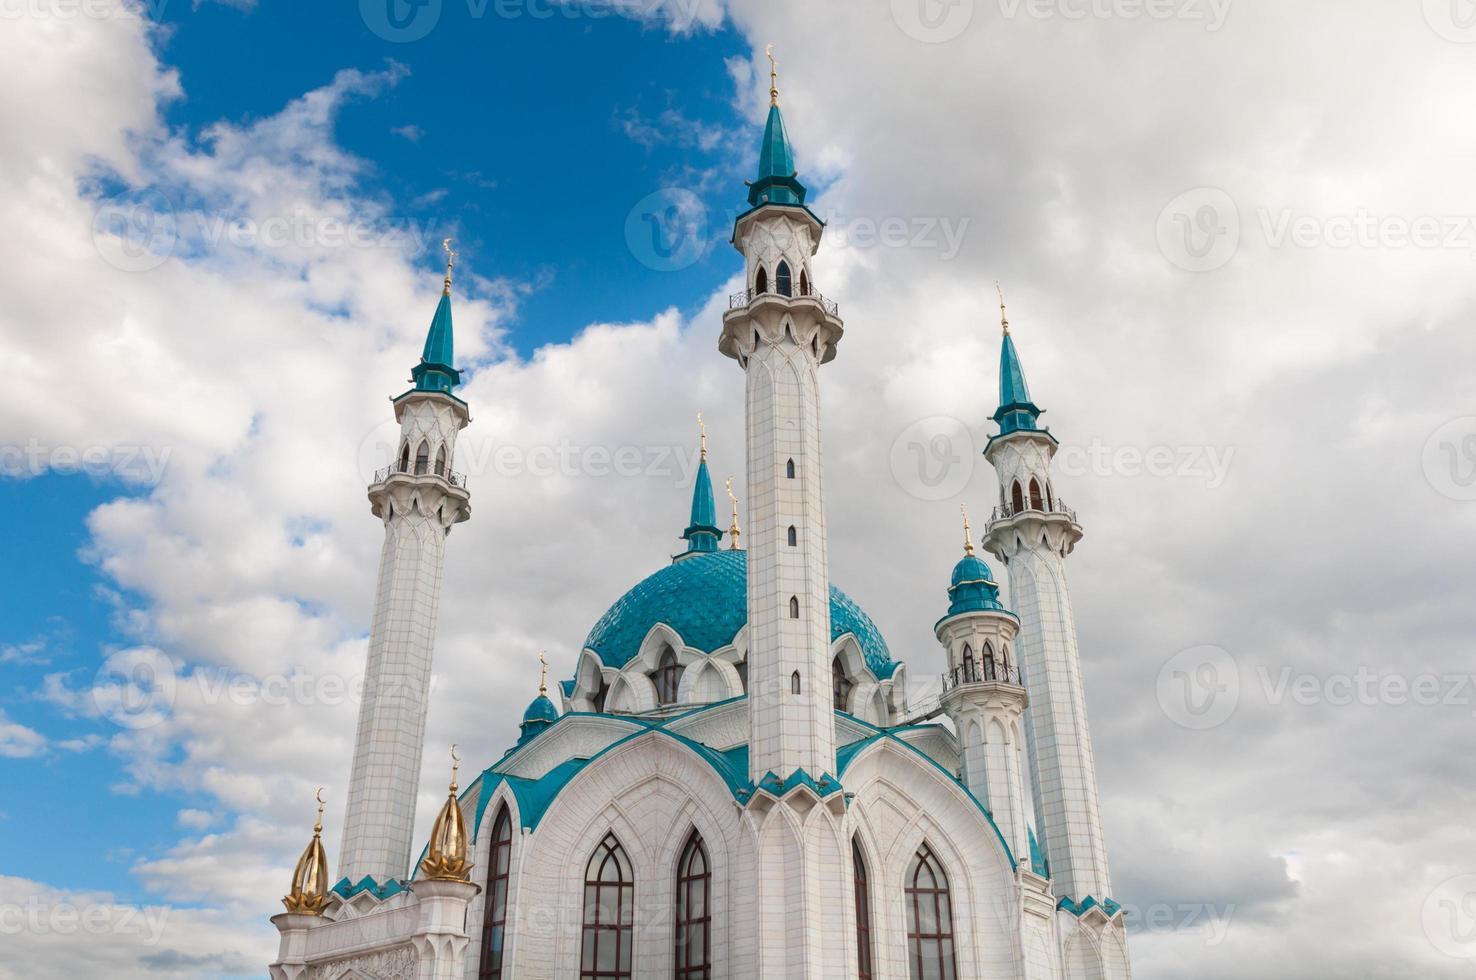 La mosquée kul sharif à kazan kremlin, tatarstan, russie photo